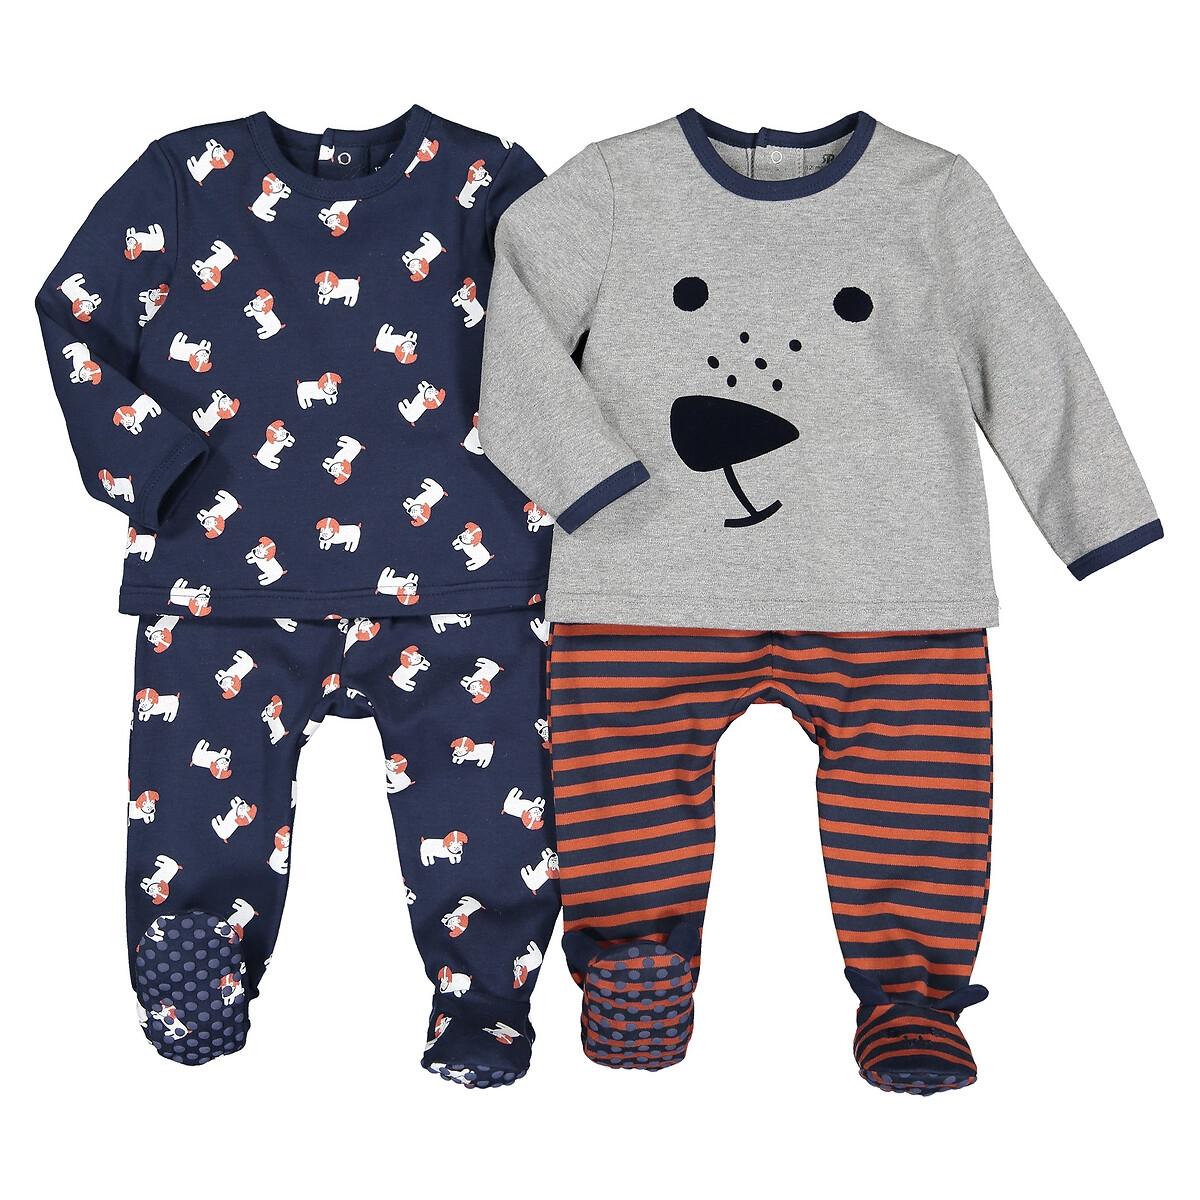 Комплект из 2х пижам раздельных LaRedoute Из хлопка 1 мес - 4 года 3 мес. - 60 см серый пижама laredoute с носочками из велюра 0 мес 3 года 3 мес 60 см серый